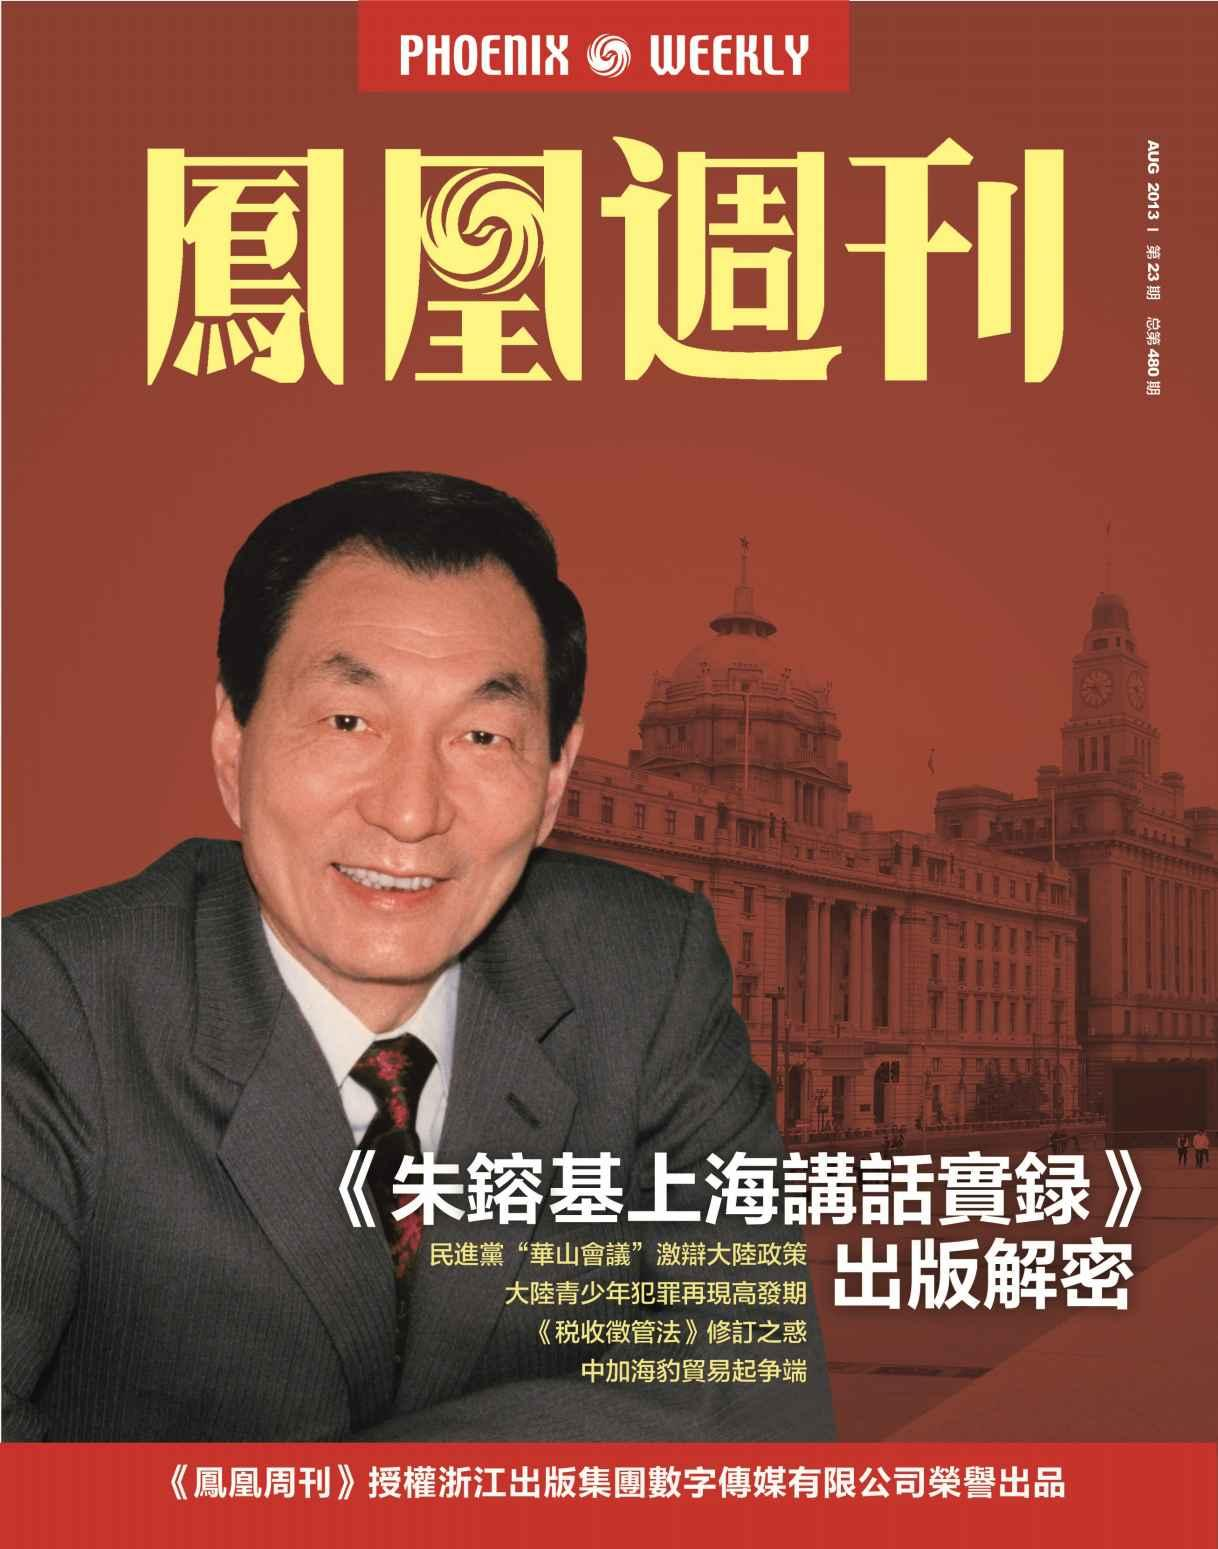 香港凤凰周刊·《朱镕基上海讲话实录》出版解密